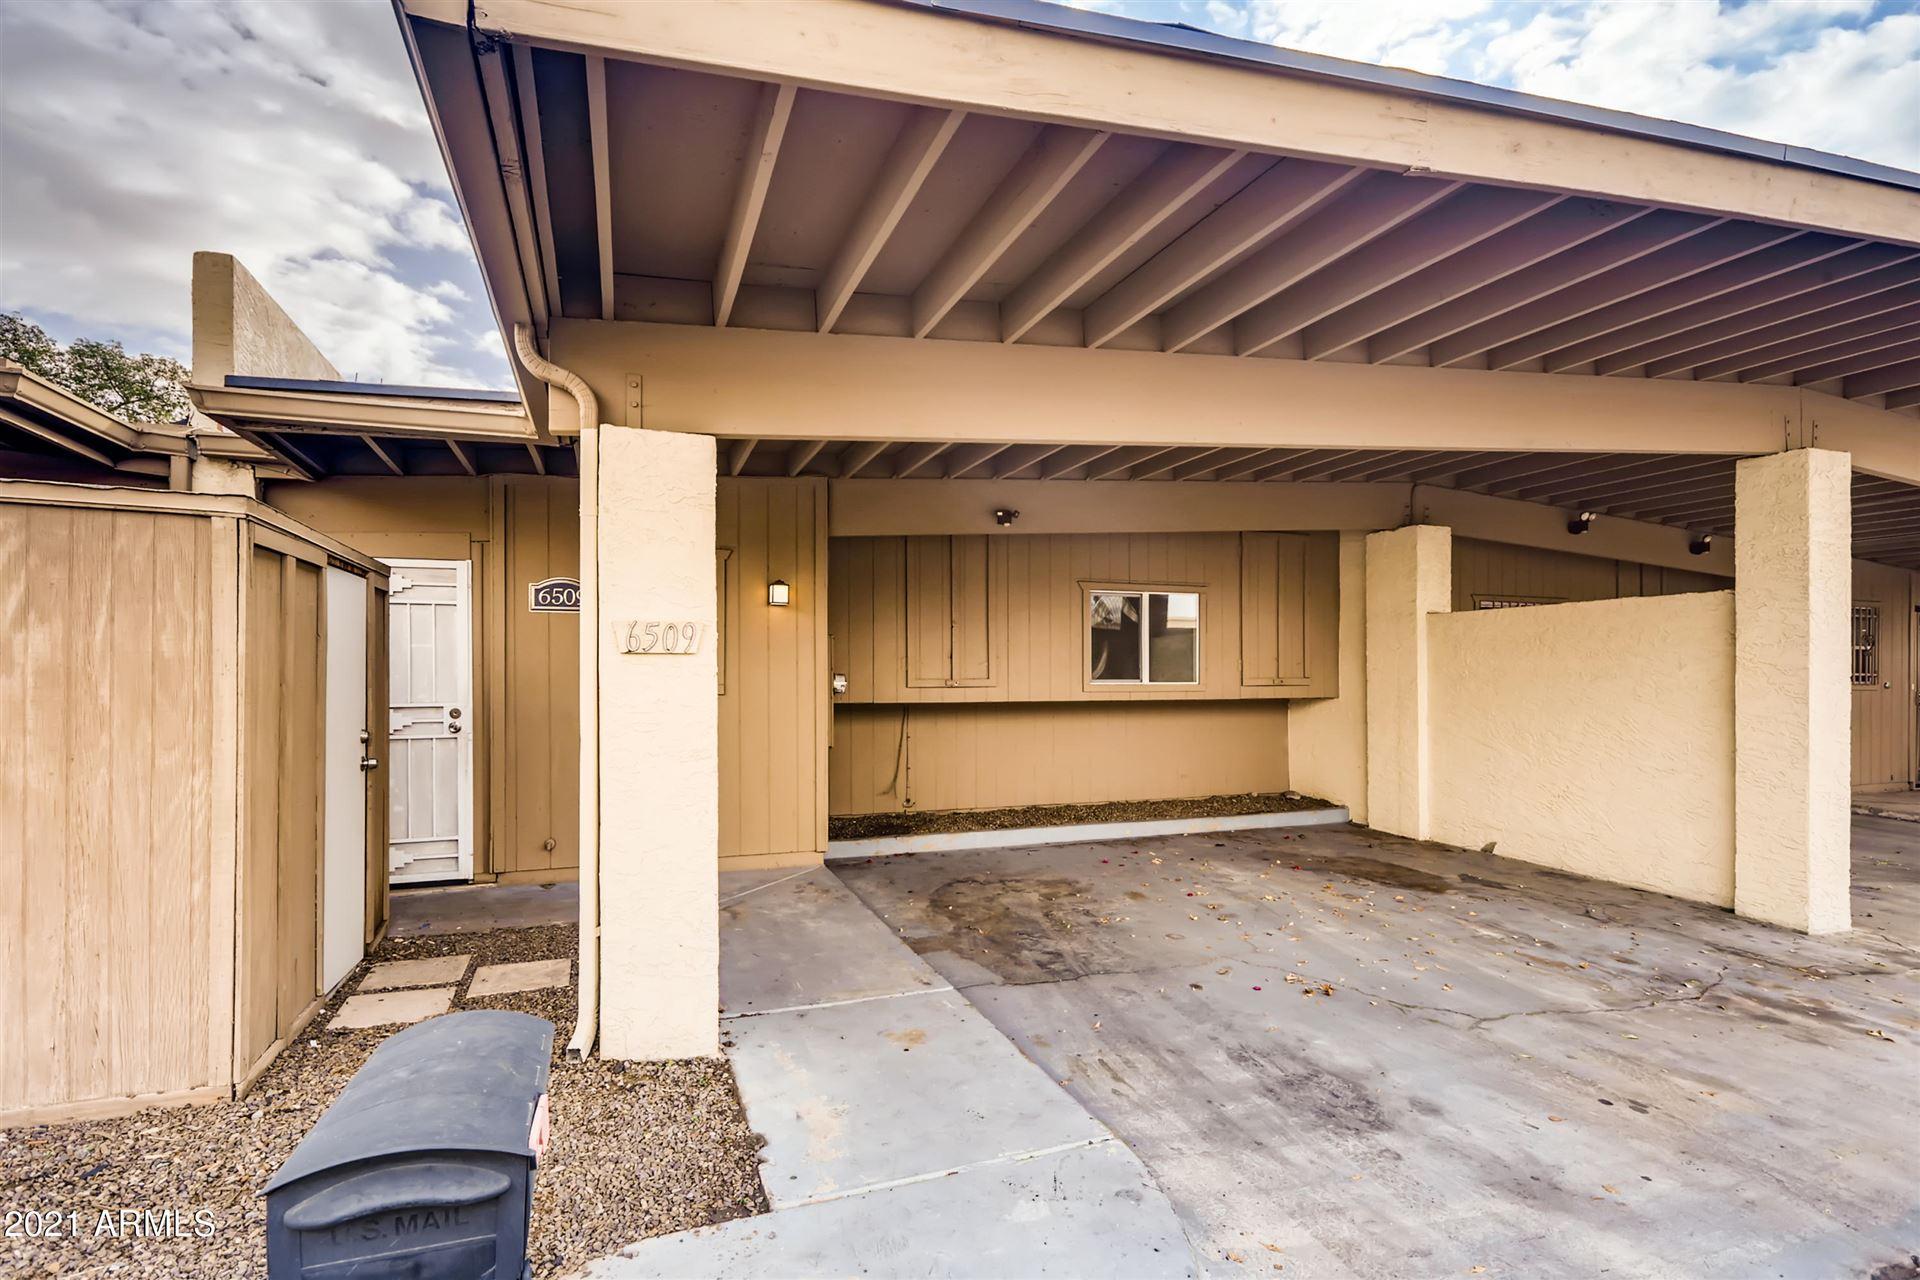 6509 N 24TH Drive, Phoenix, AZ 85015 - MLS#: 6185029